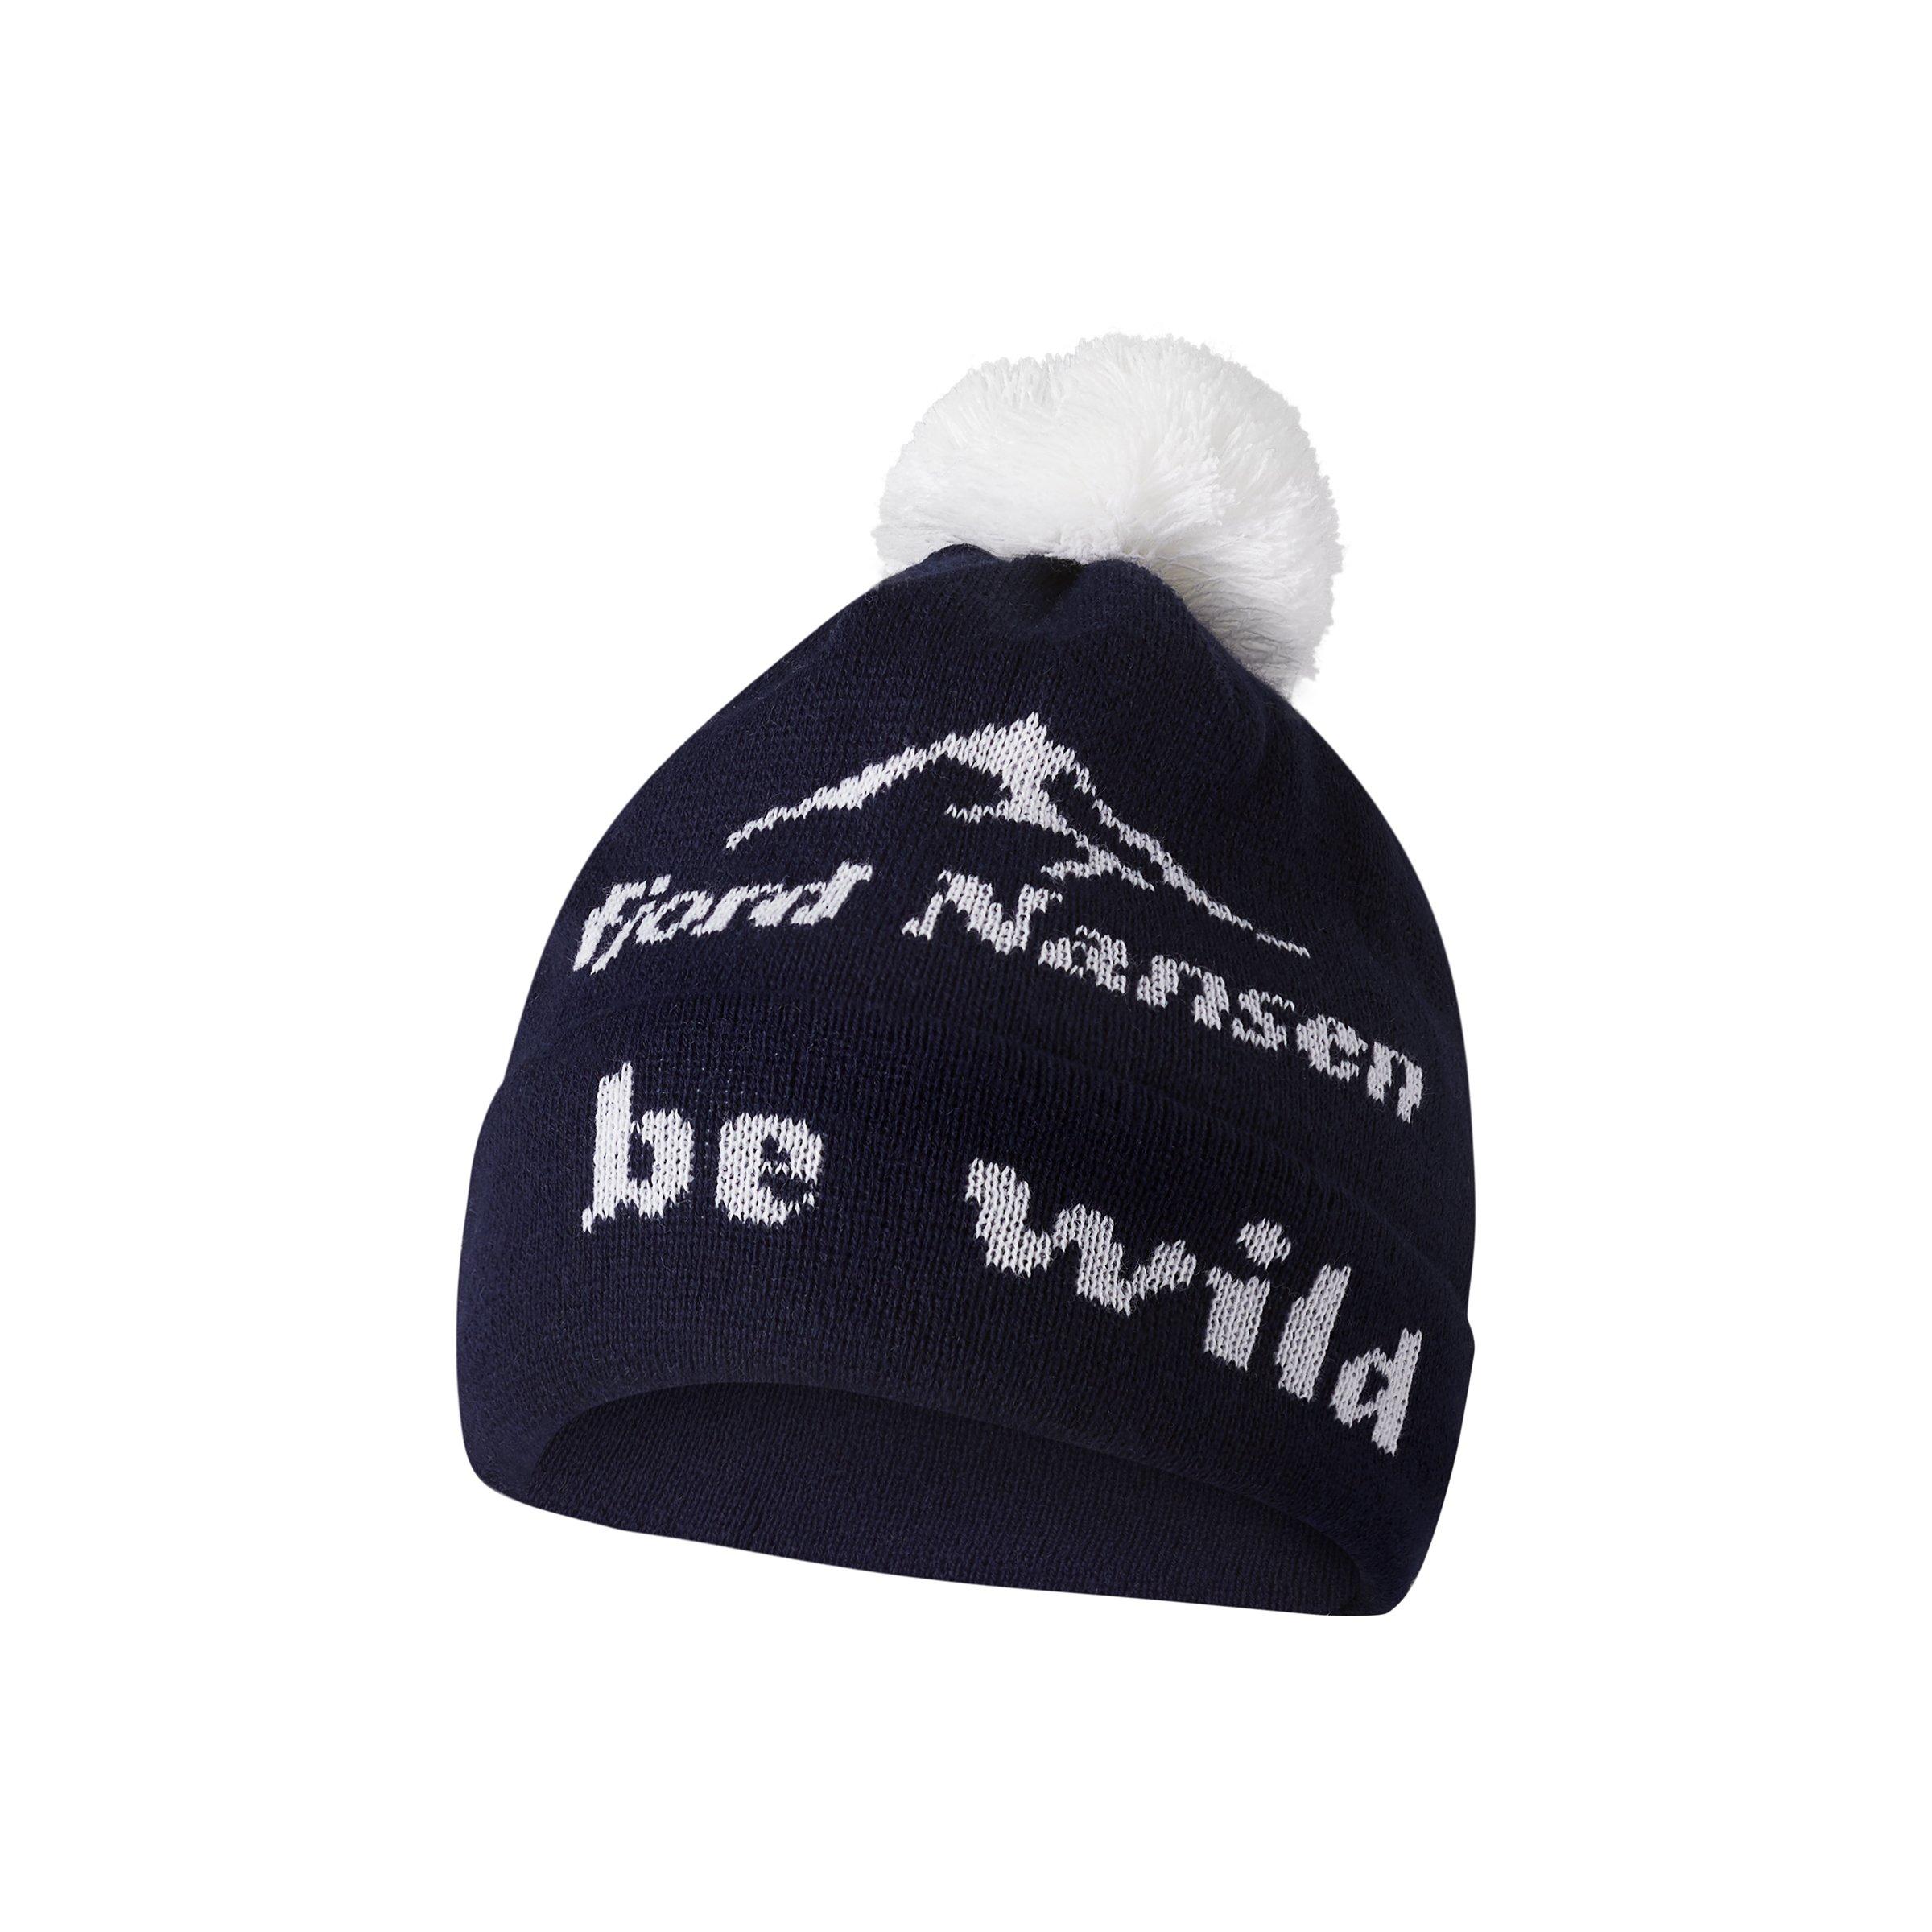 1082b4737c2919 Czapka OLD SCHOOL   odzież \ męska \ czapki \ zimowe odzież \ damska ...